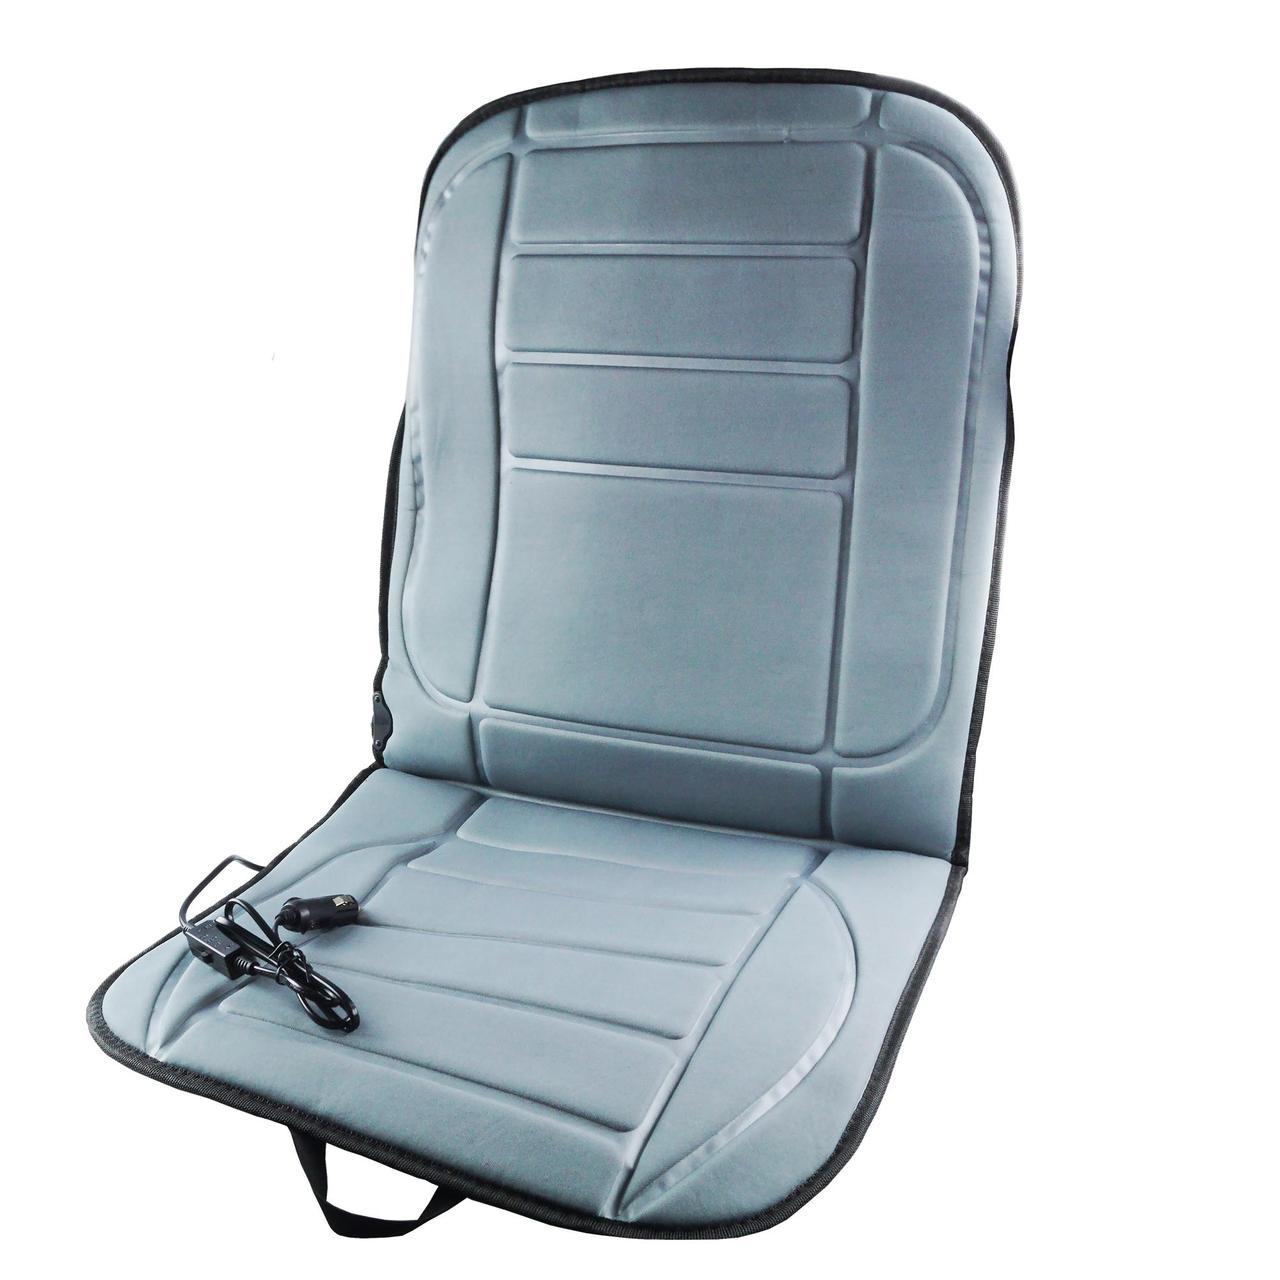 Накидка на сидіння авто з підігрівом від прикурювача універсальна